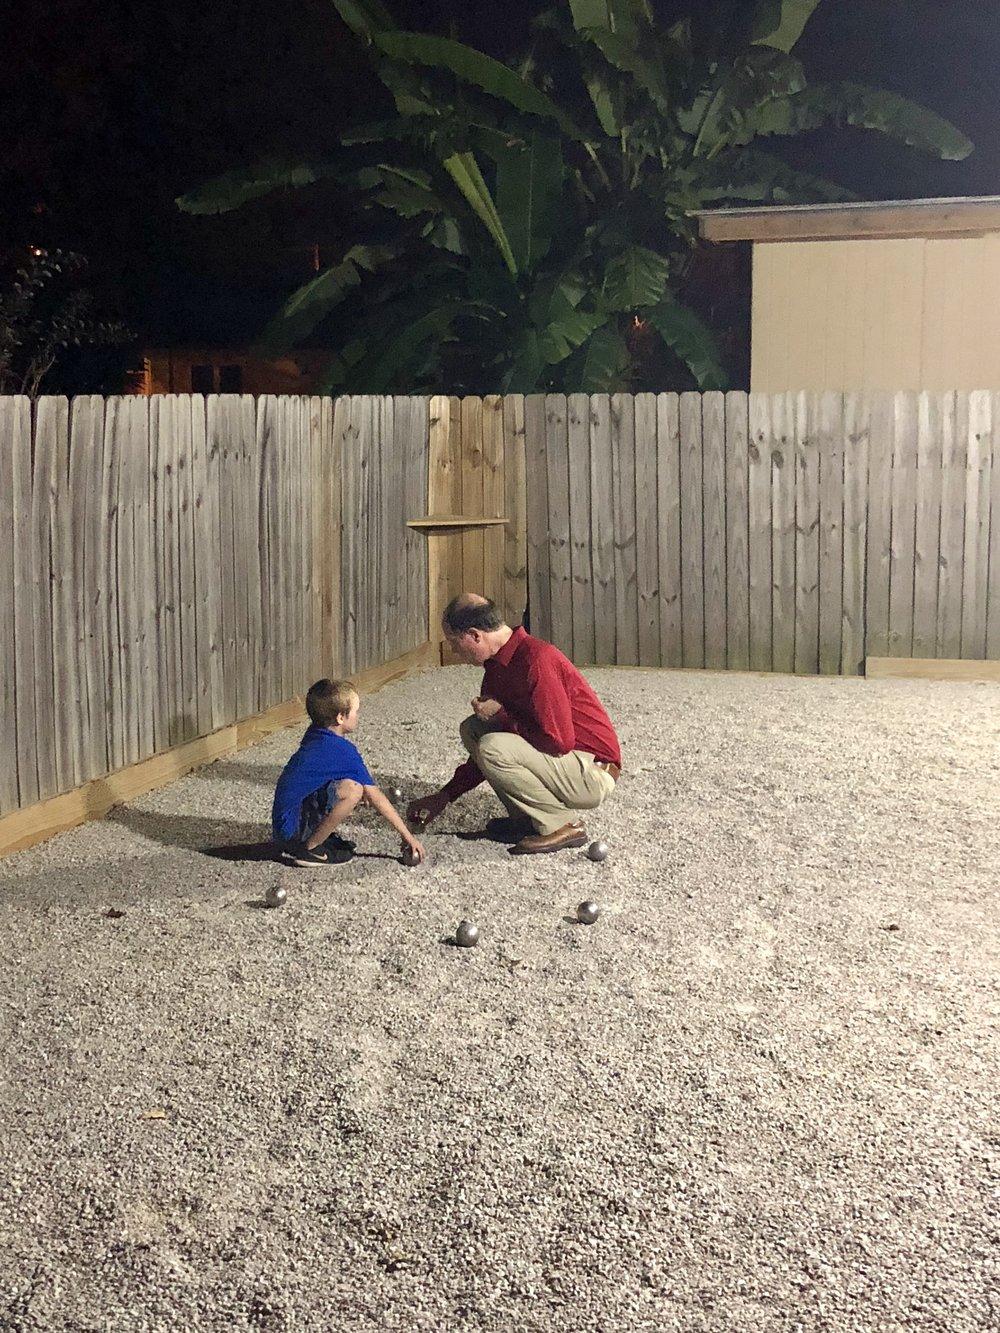 Learning How to Play Pétanque | Apprenant à jouer au pétanque